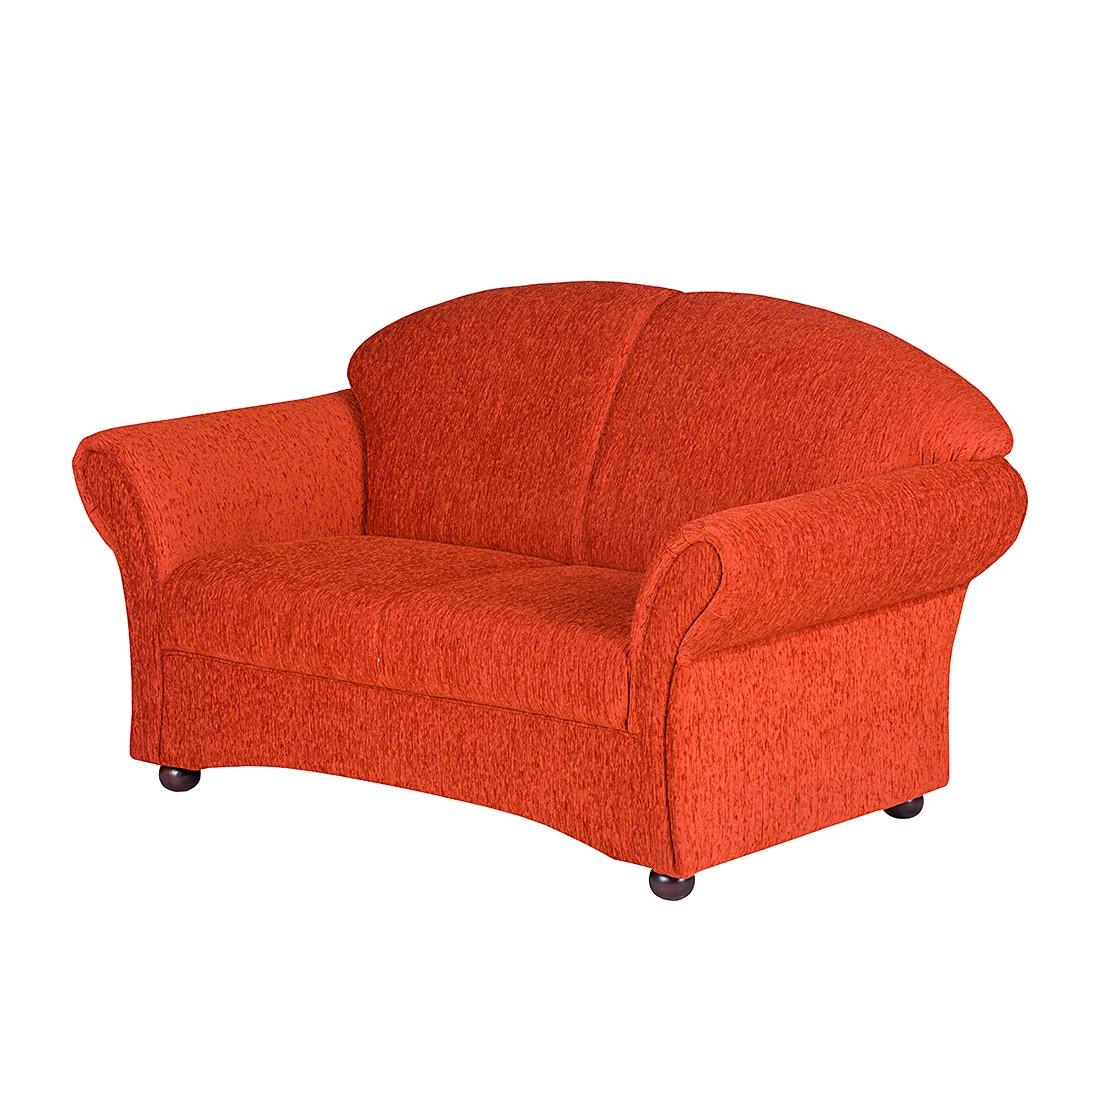 sofa henry 2 sitzer webstoff terra maison belfort g nstig bestellen. Black Bedroom Furniture Sets. Home Design Ideas